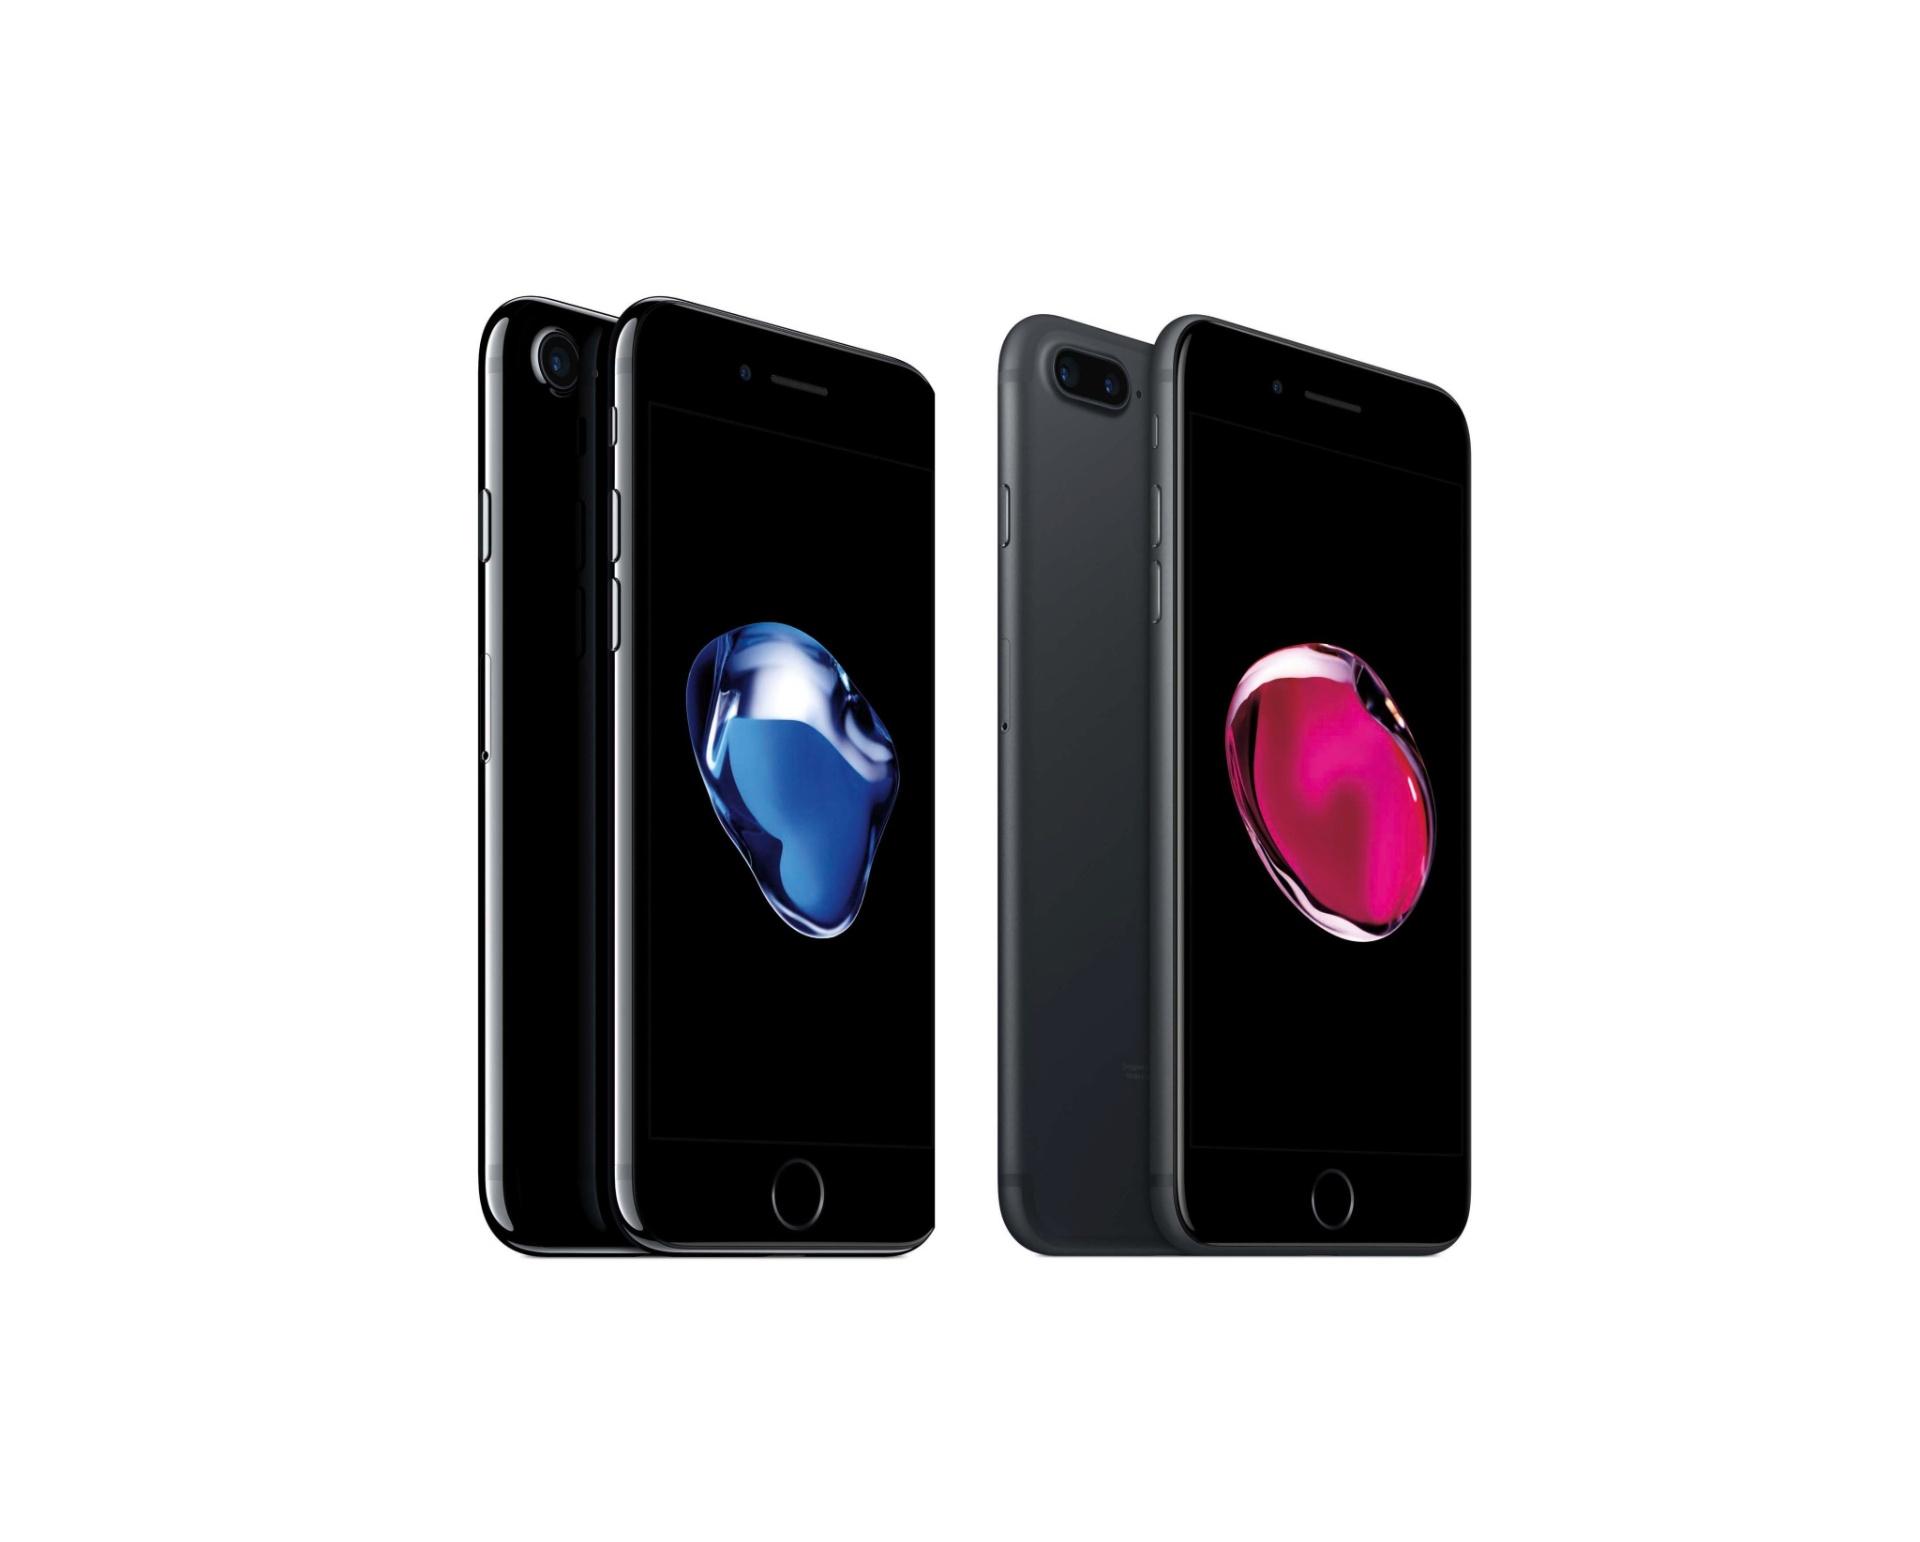 52fbdd57e iPhone 7 no Brasil é R  1.400 mais caro que nos EUA  veja tabela de preços  - 08 11 2016 - UOL Tecnologia